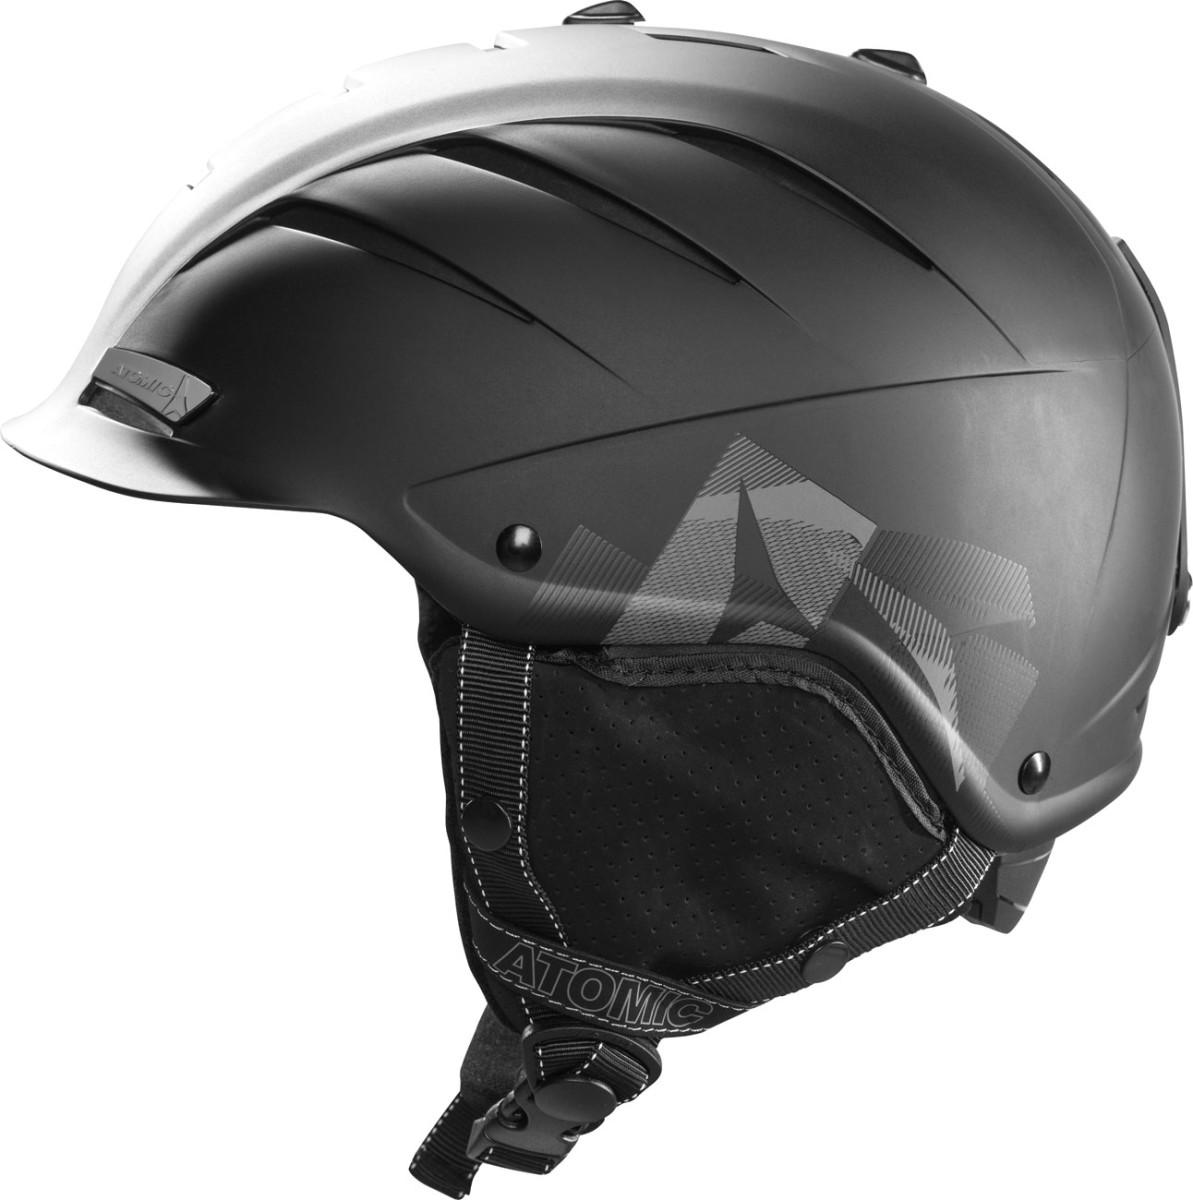 Atomic Nomad - černá Velikost helmy: S 2014/2015